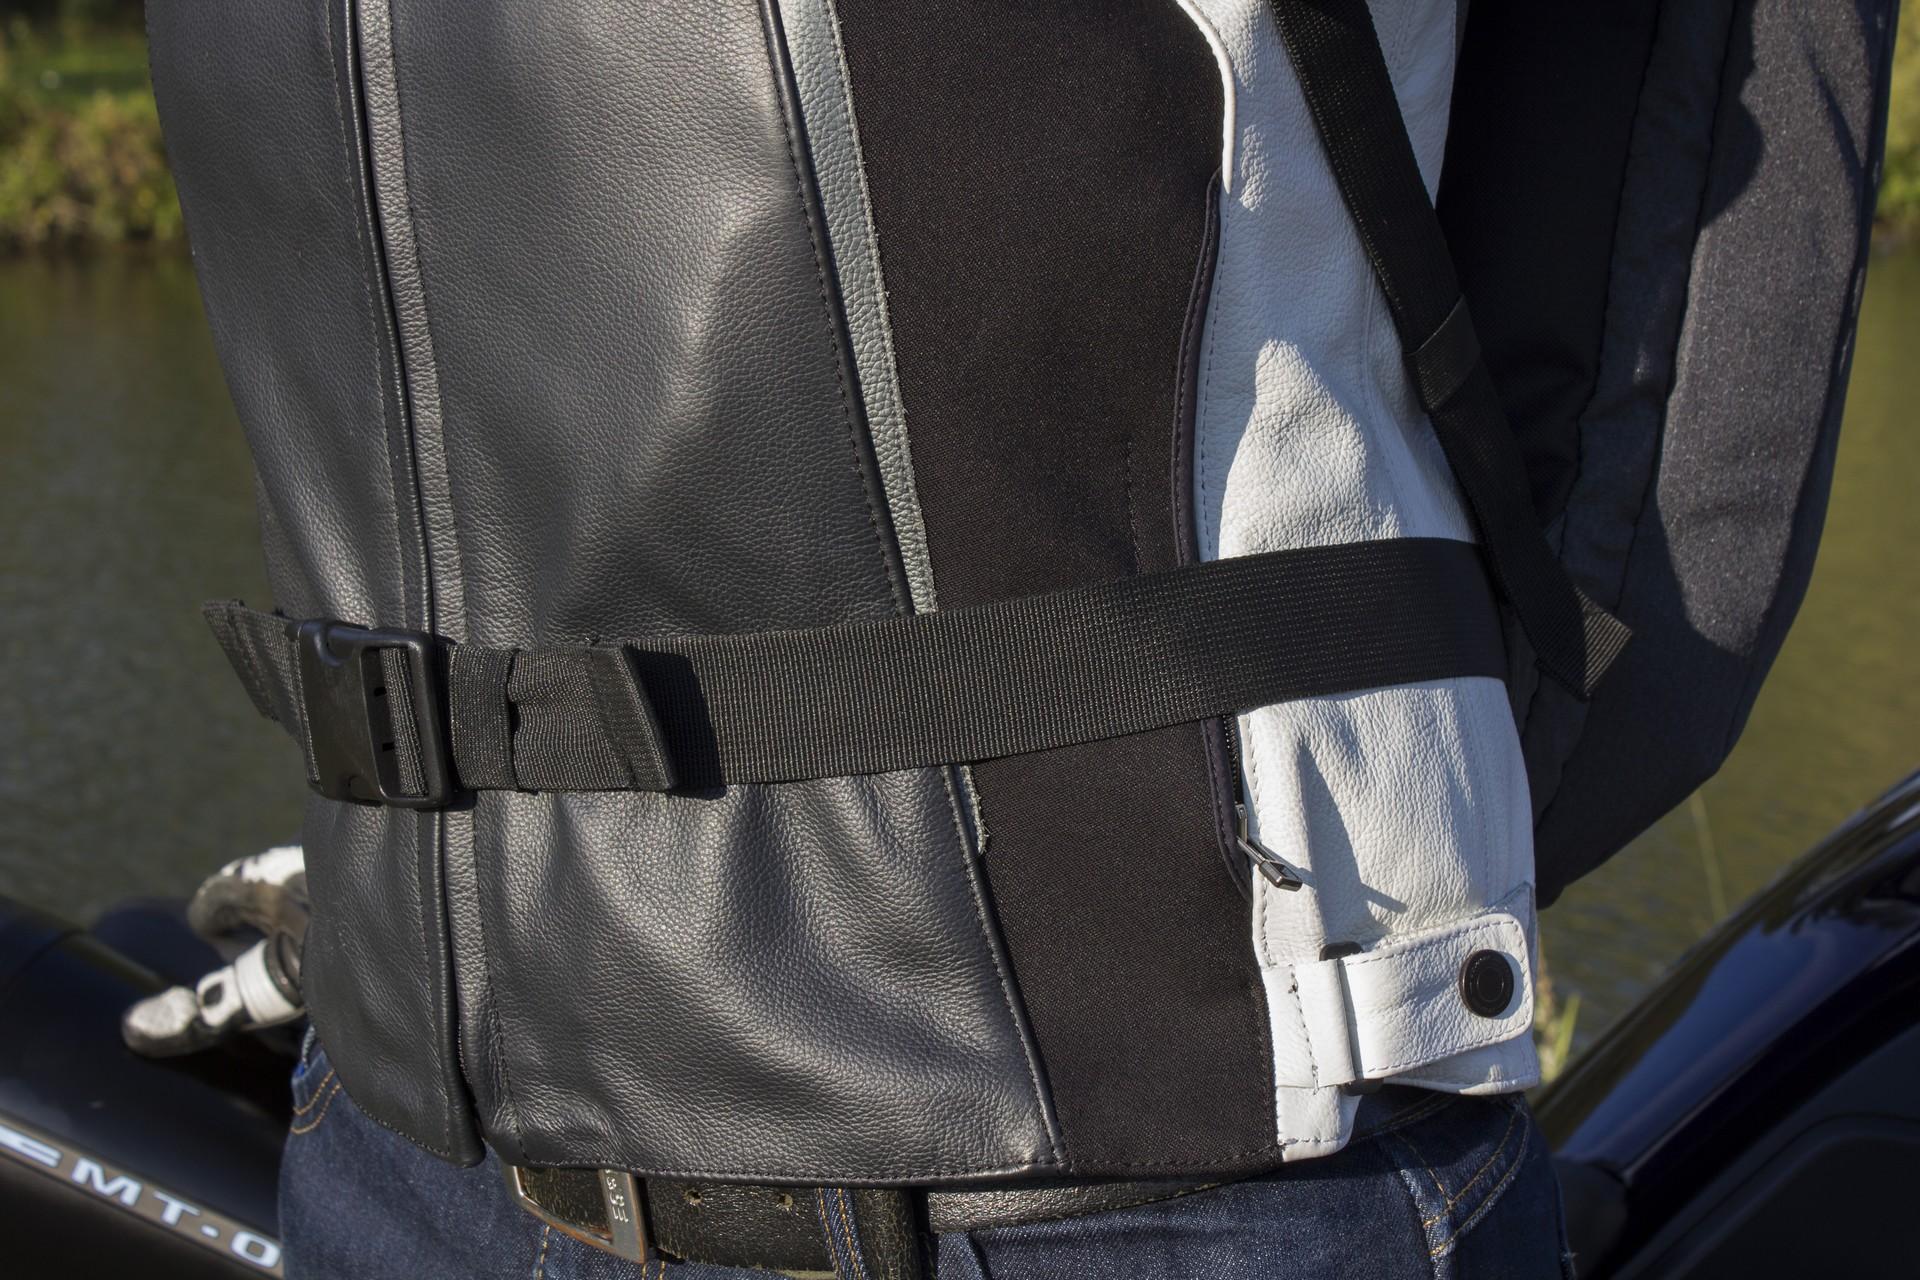 La ceinture ventrale, un peu courte